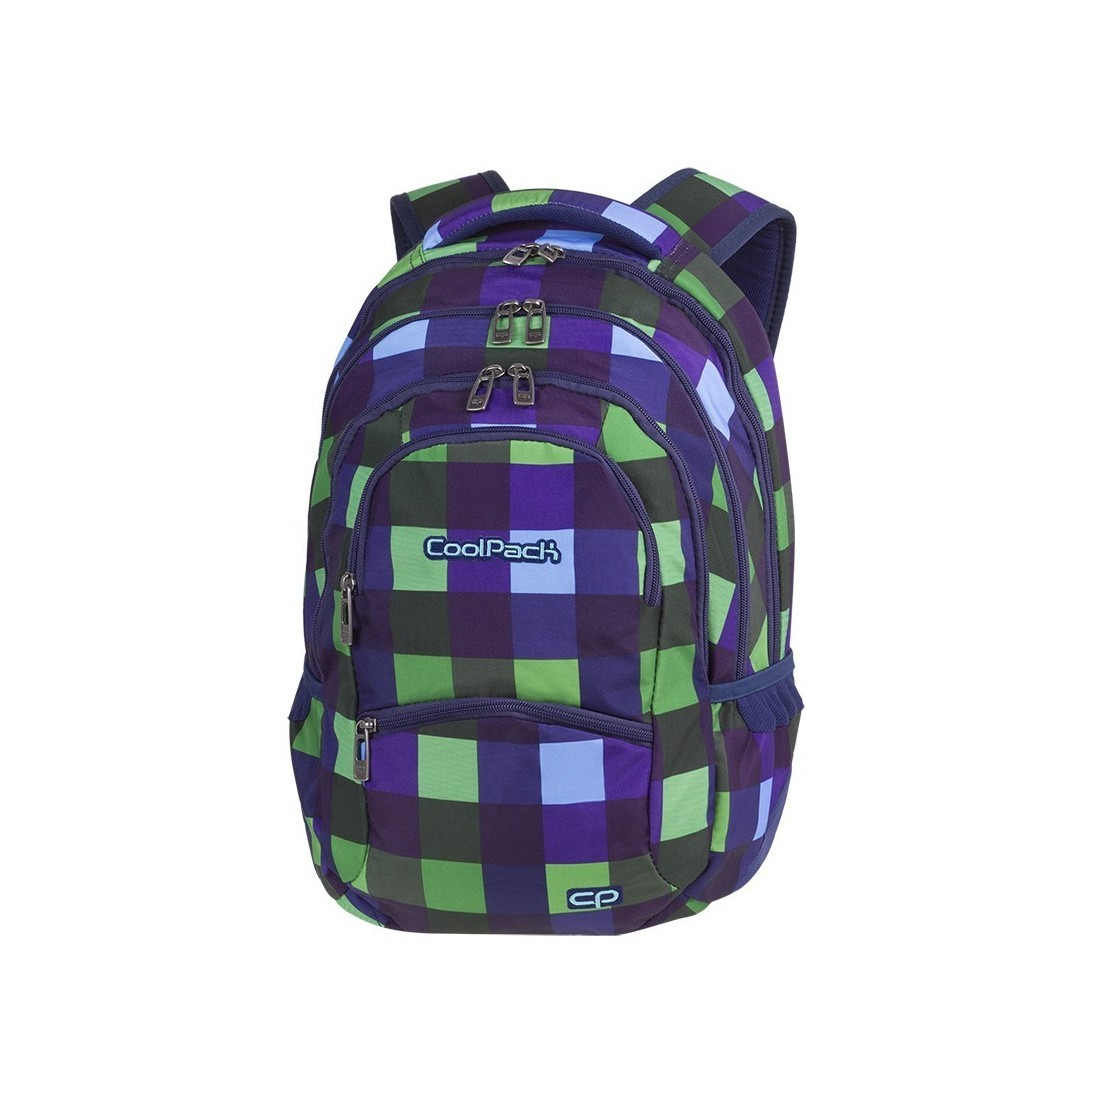 02a0f5c518f98 Plecak szkolny CoolPack CP College Criss Cross dla chłopców - plecak ...